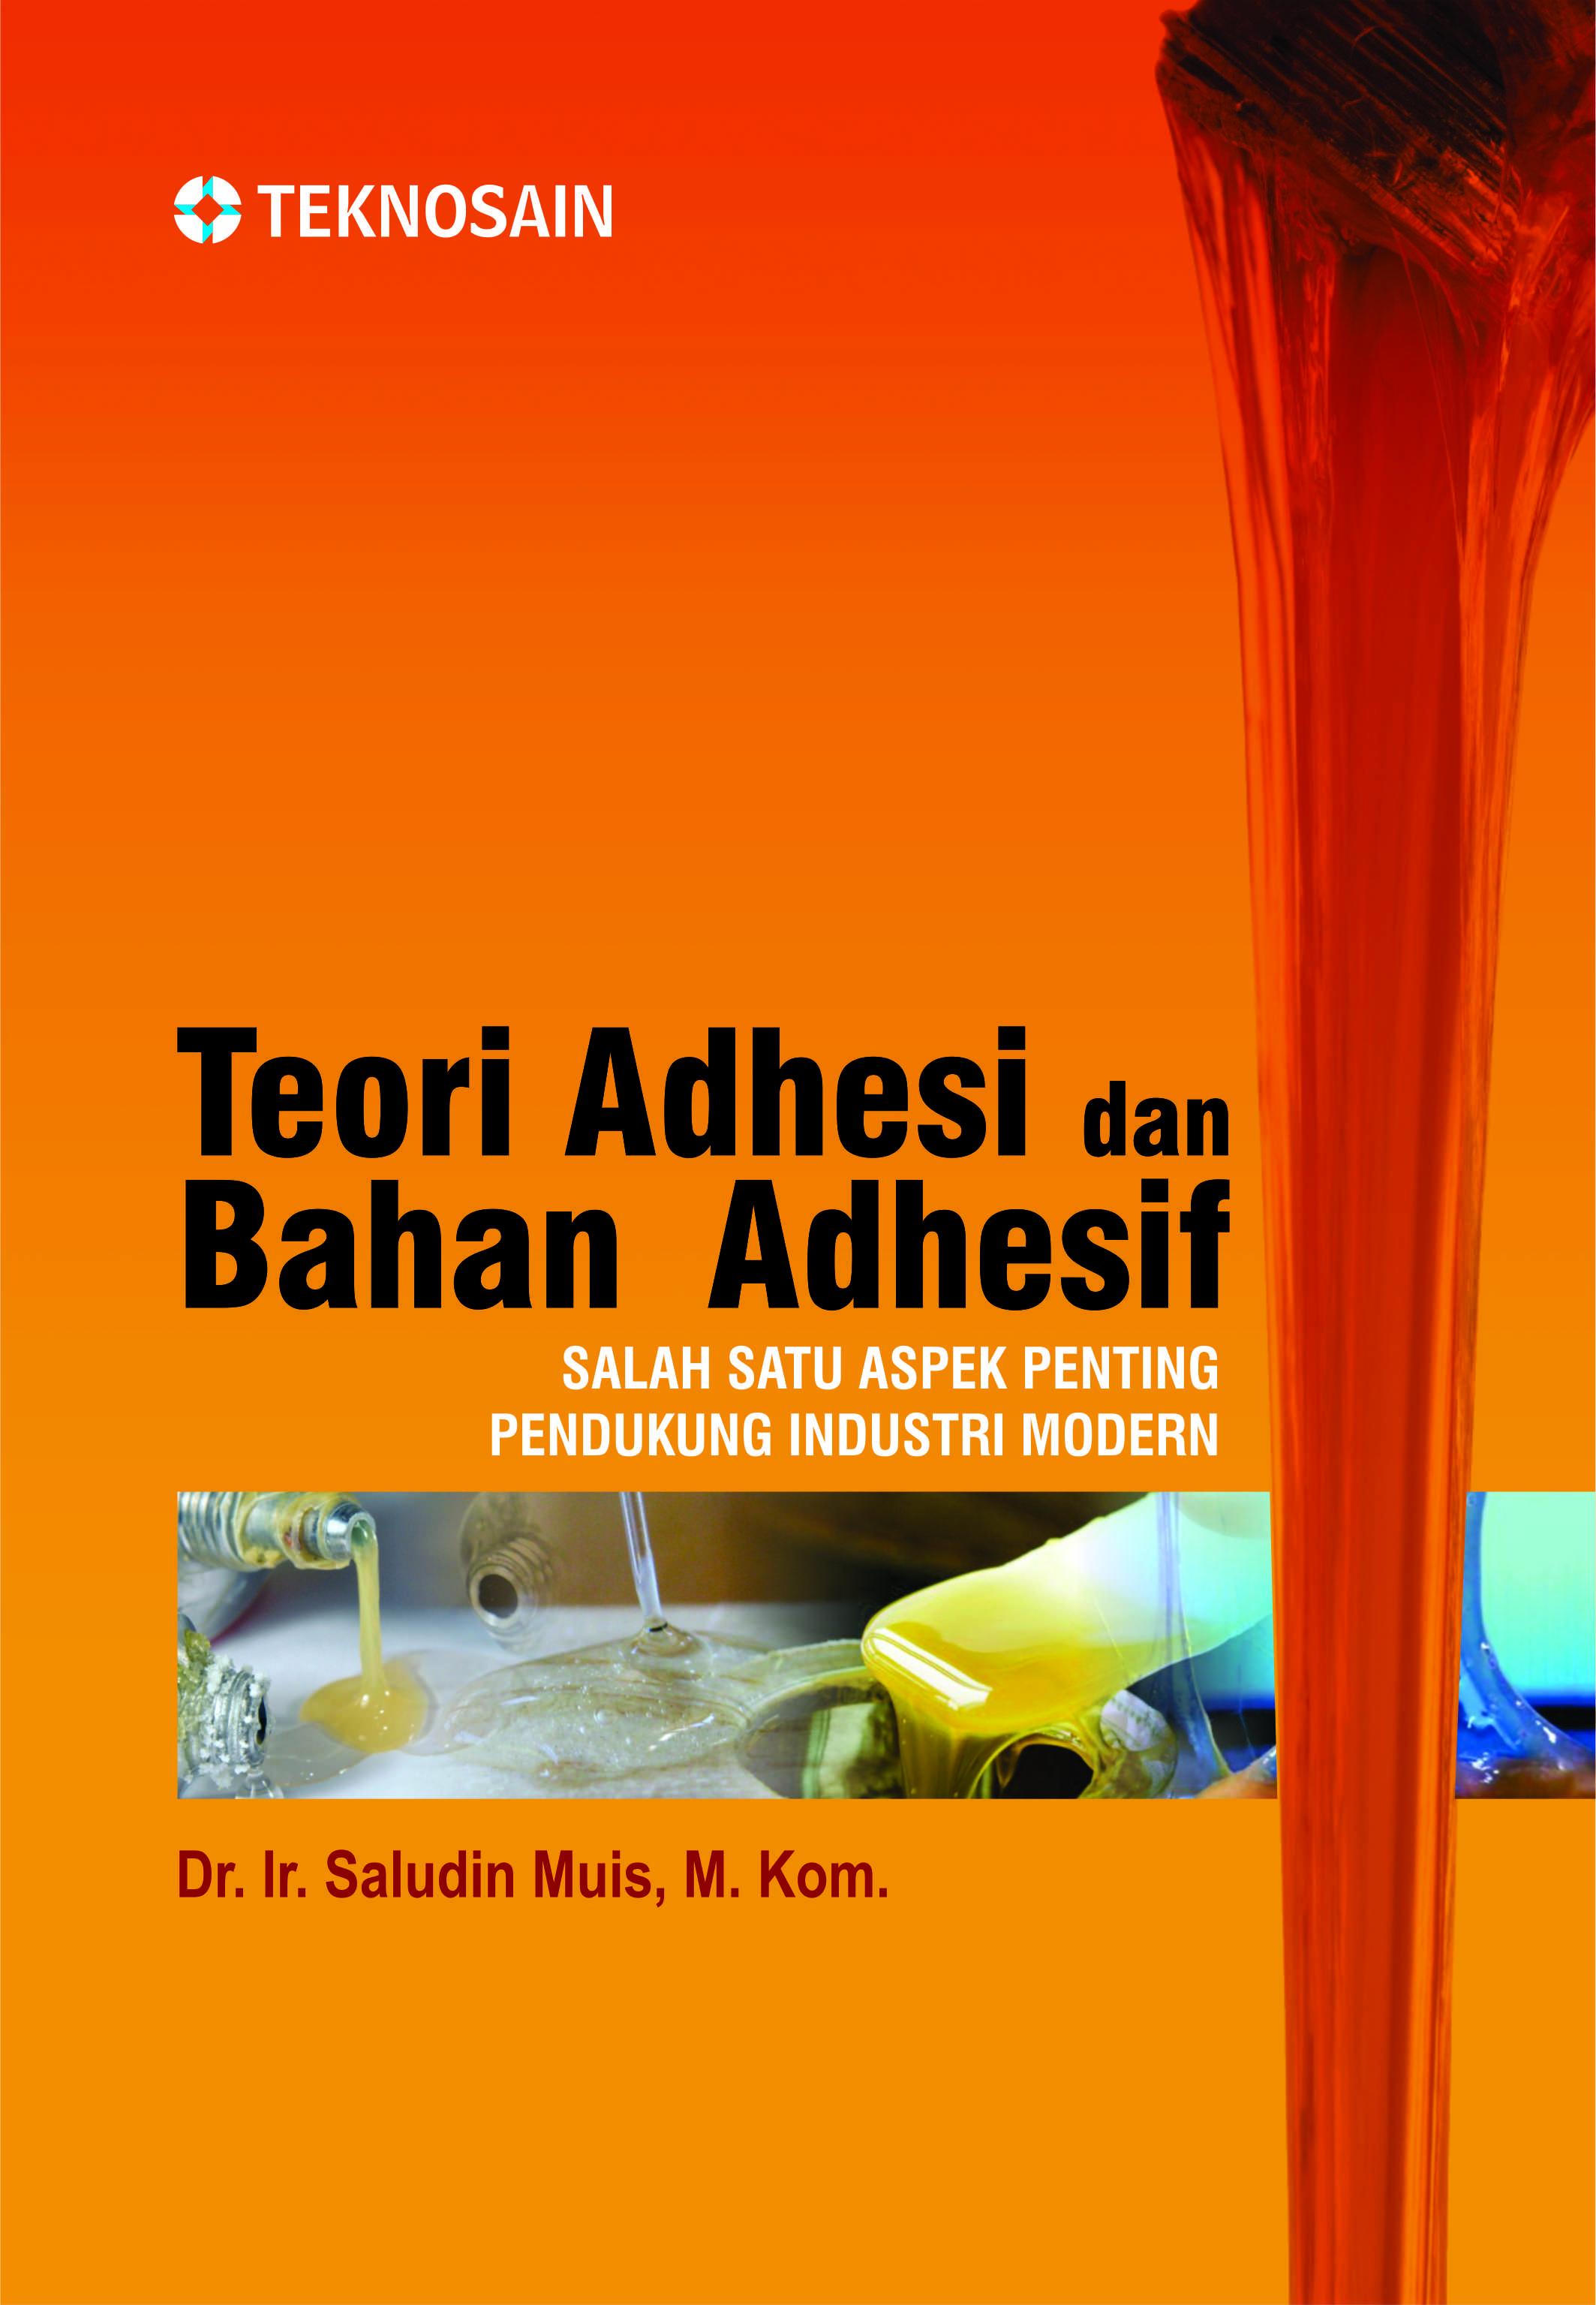 Teori Adhesi dan Bahan Adhesif; Salah Satu Aspek Penting Pendukung Industri Modern